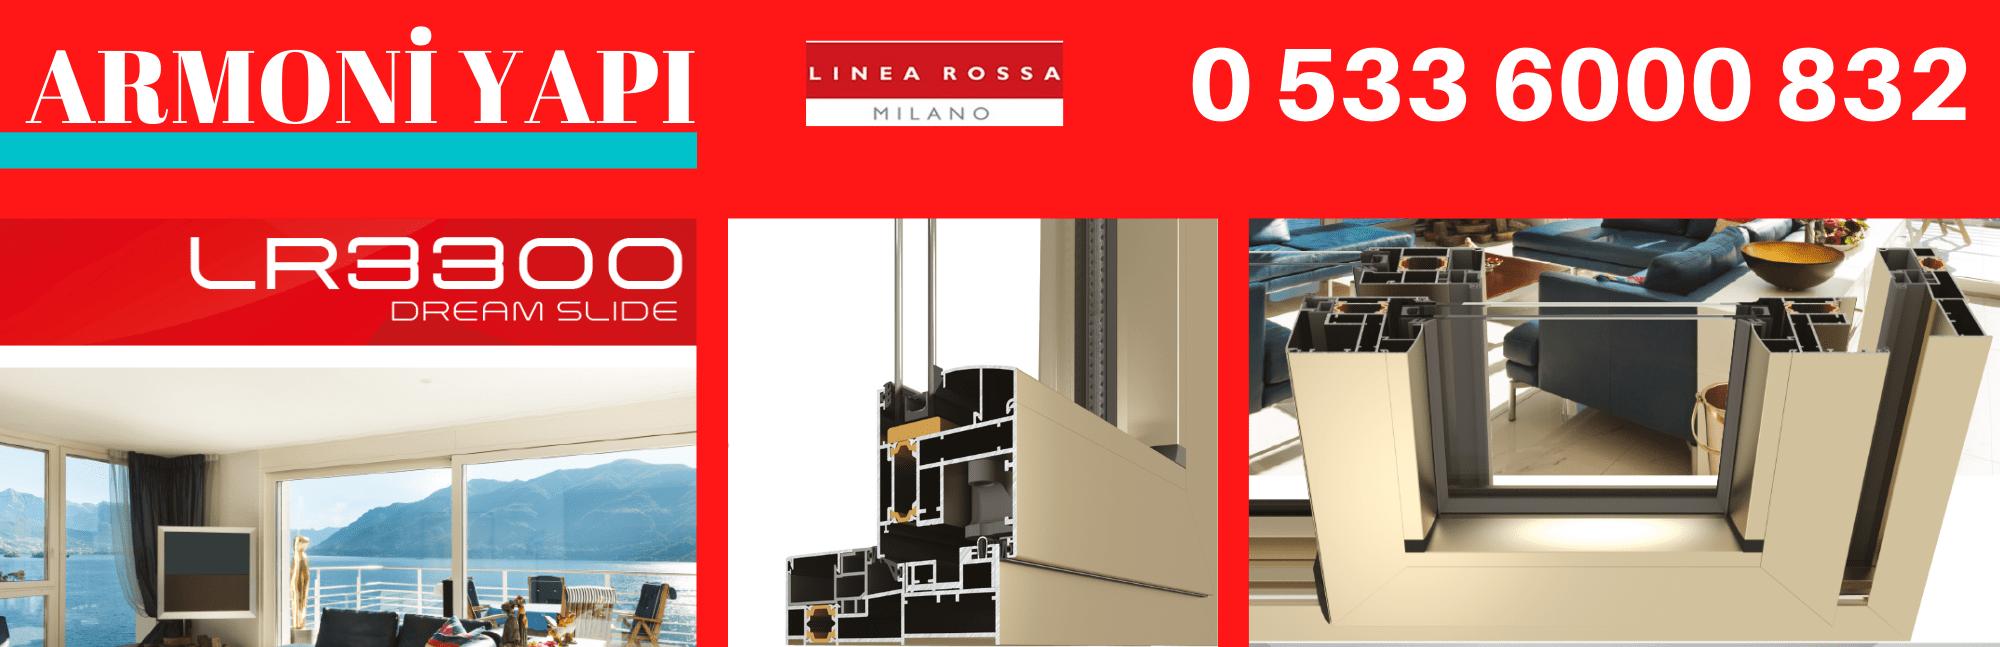 Linea Rossa LR 3300 sürgülü doğrama